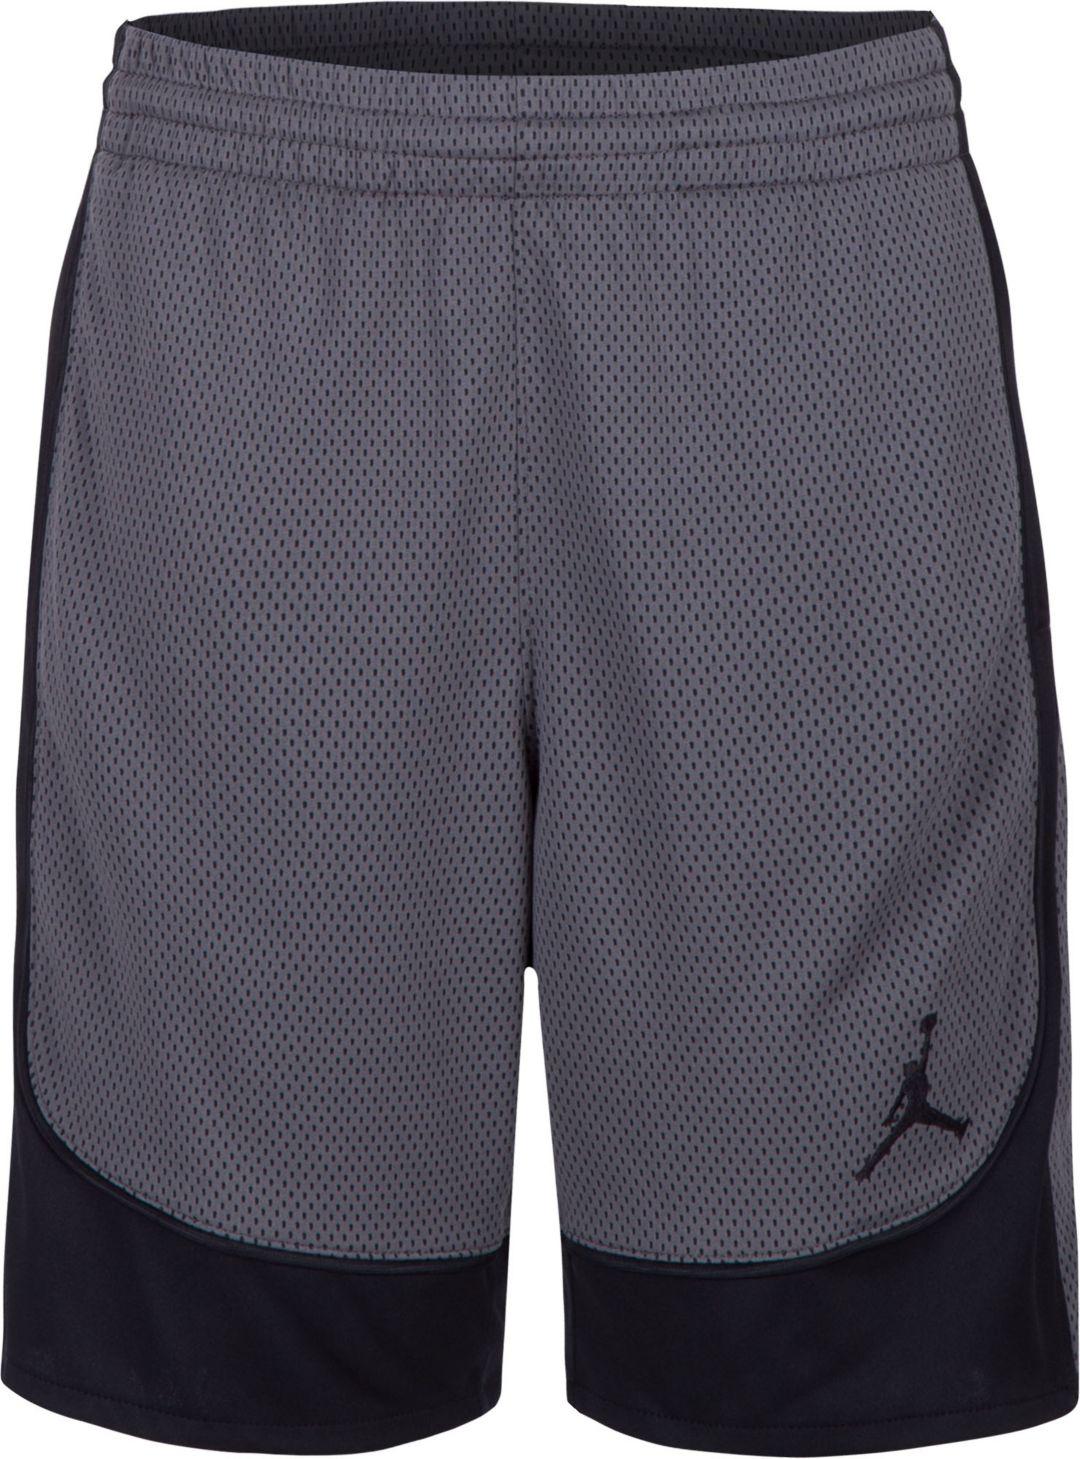 fbb4d32a088 Jordan Boys' Air 2.0 Colorblock Shorts | DICK'S Sporting Goods